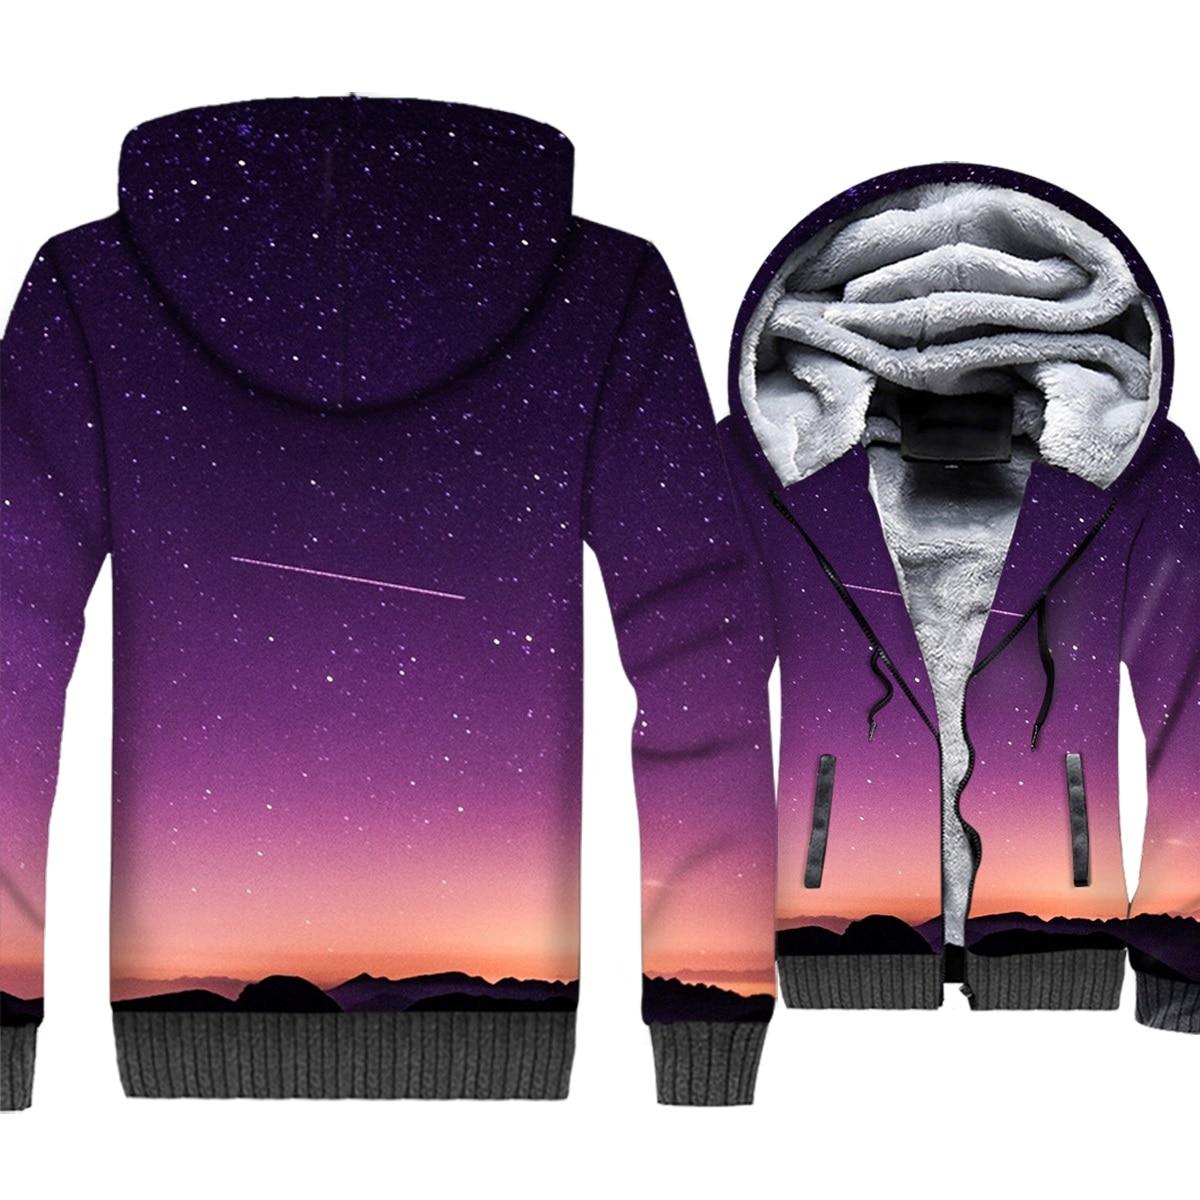 AgréAble 2019 Mode 3d Motif Imprimé Espace Lune Météor Top Hip Hop Sweatshirts Sportswear Hiver Printemps Hoodies Mâle Polaire Dessus Chaud Forfaits à La Mode Et Attrayants